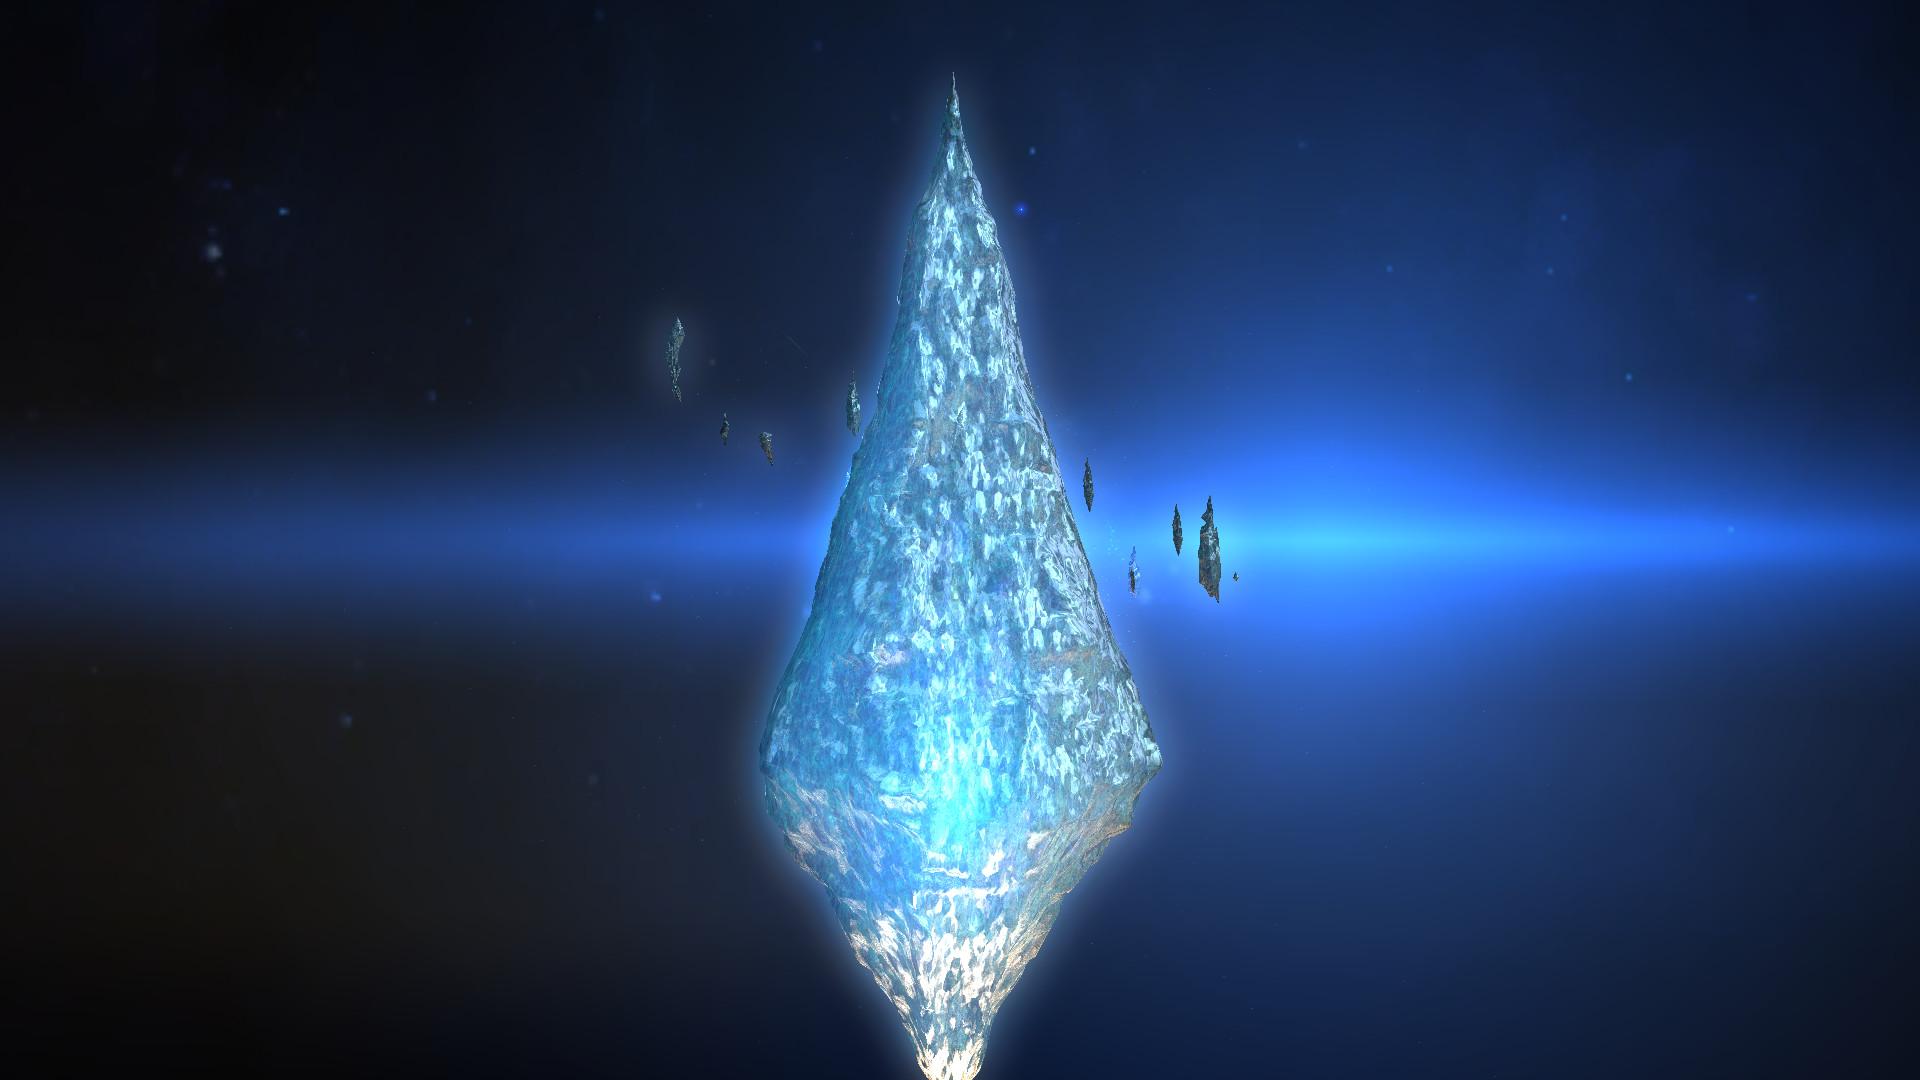 画像集 010 Mmorpg初心者のffファンに贈る ファイナルファンタジーxiv 新生エオルゼア のガイド連載をスタート 第1回はゲームの世界観とプレイ環境作り 4gamer Net